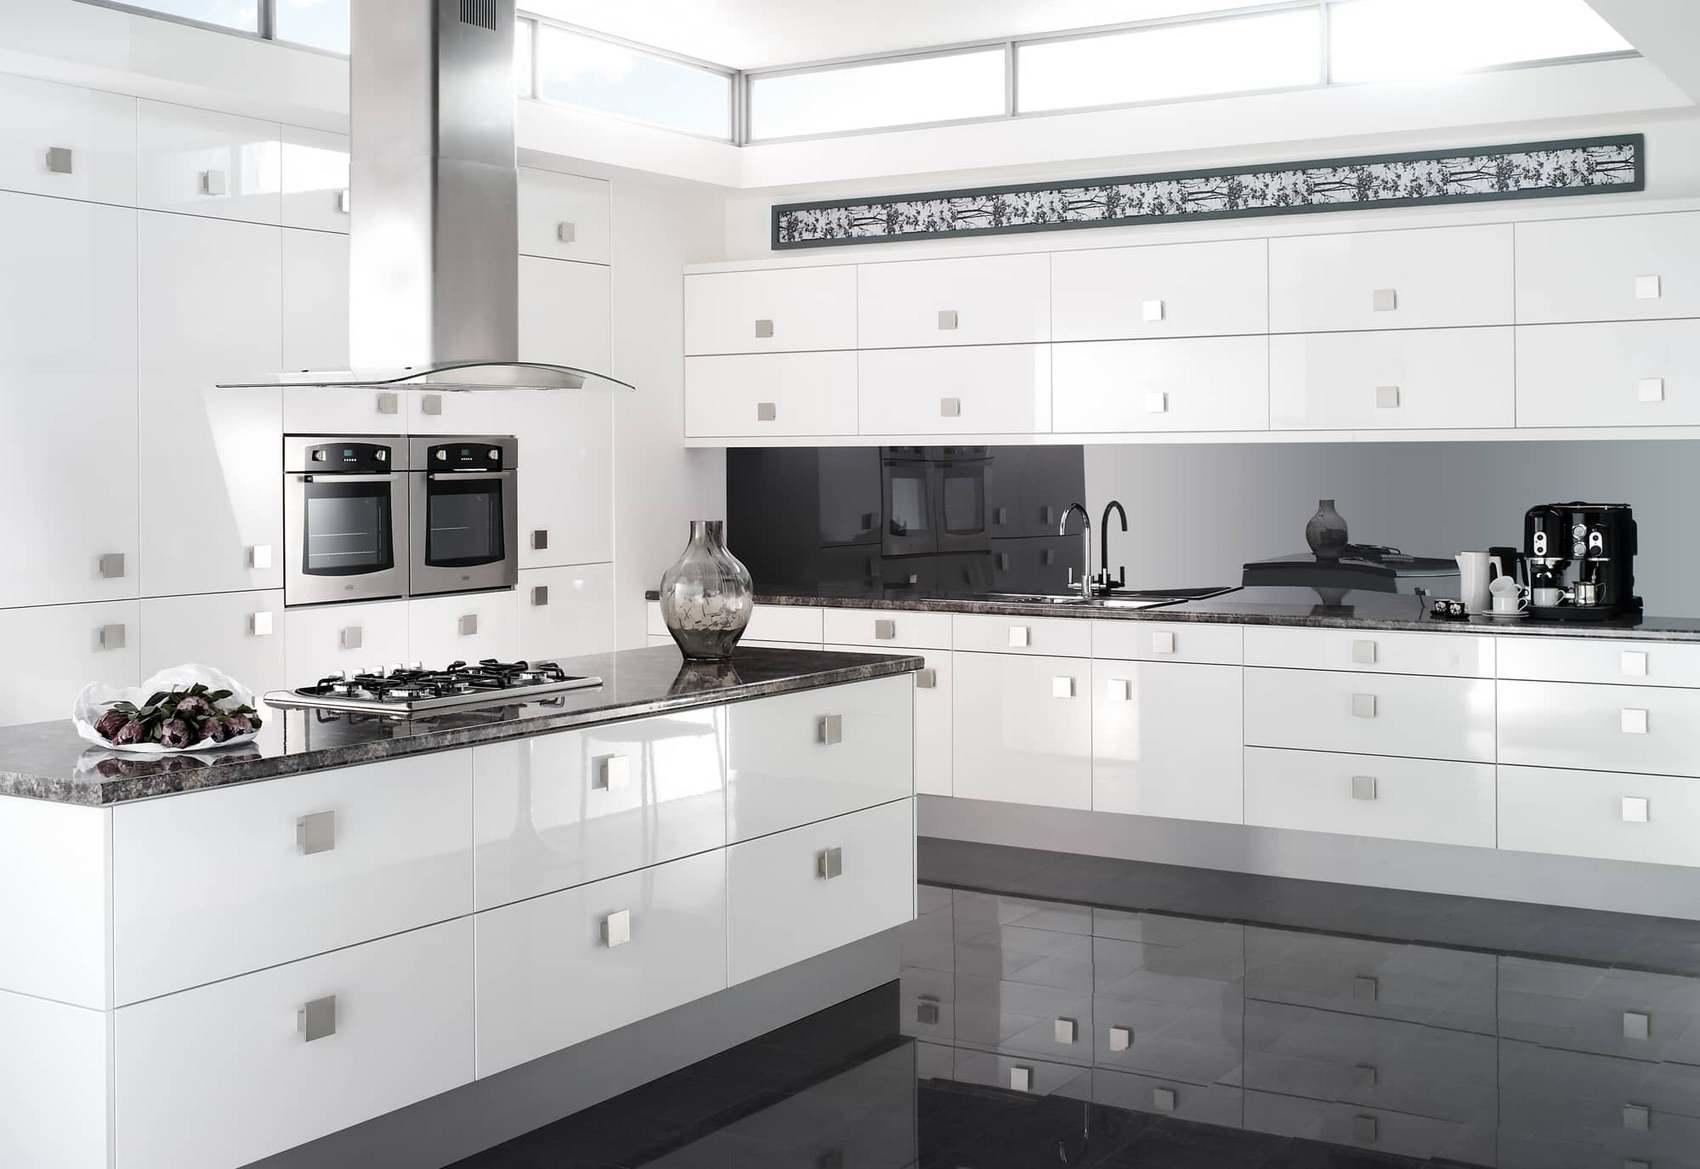 Важно знать чувство меры и не переборщить с глянцевыми фасадами, чтобы не испортить стиль кухни его переизбытком